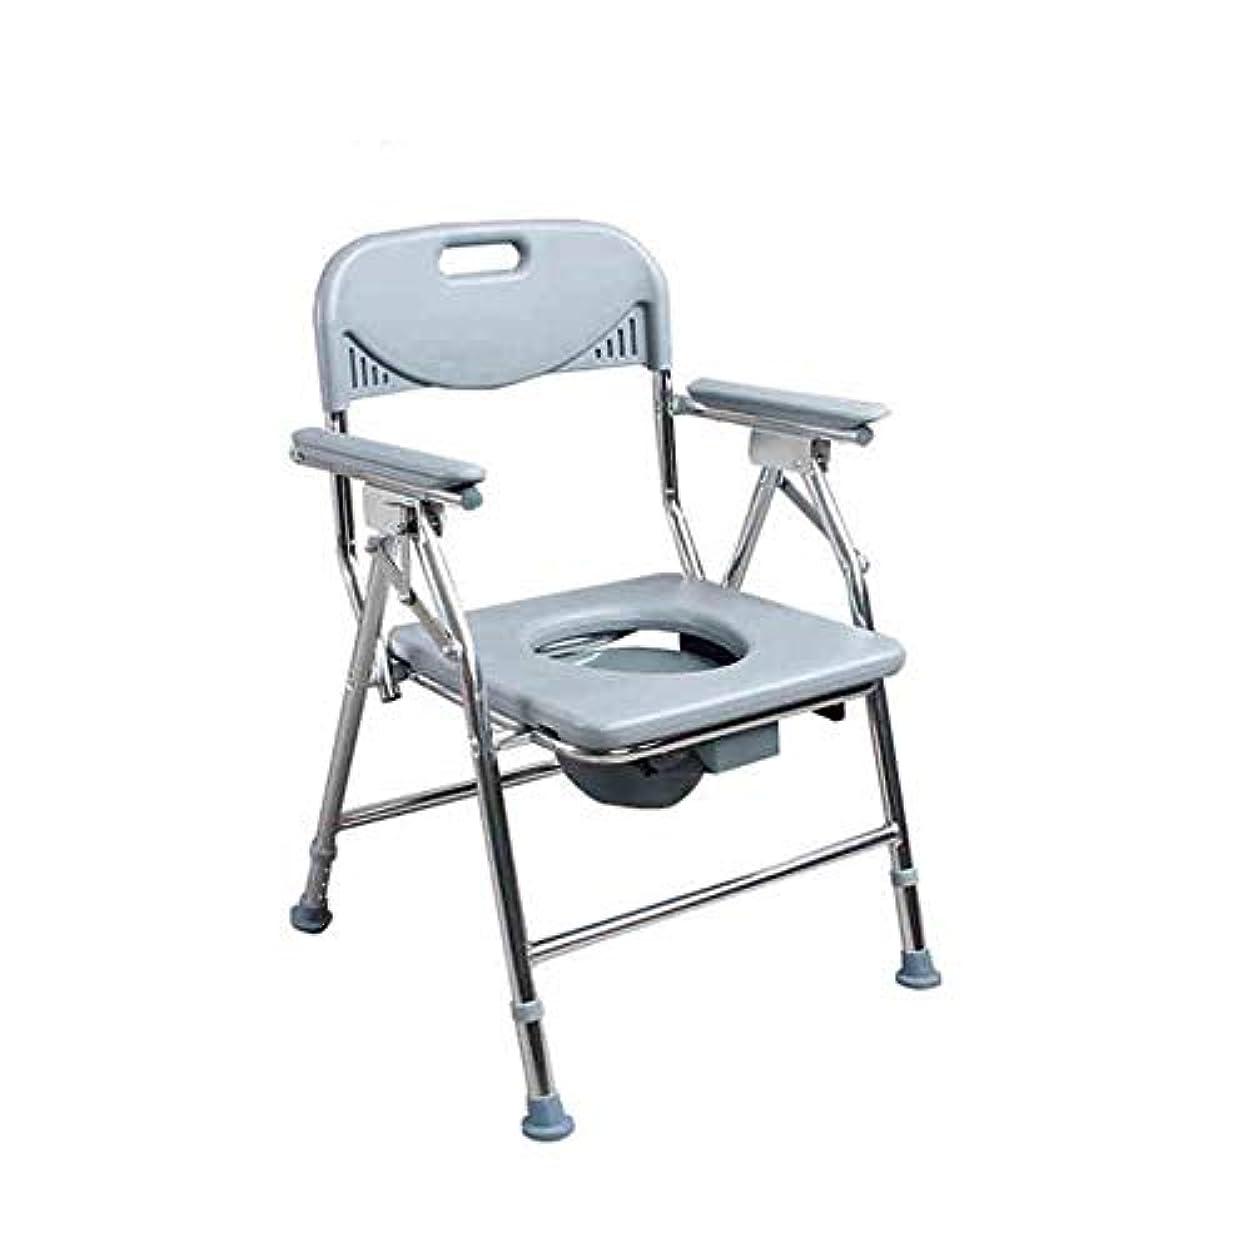 衣装服比喩上部に簡単に取り外し可能なポットを備えた折りたたみ式の便器椅子